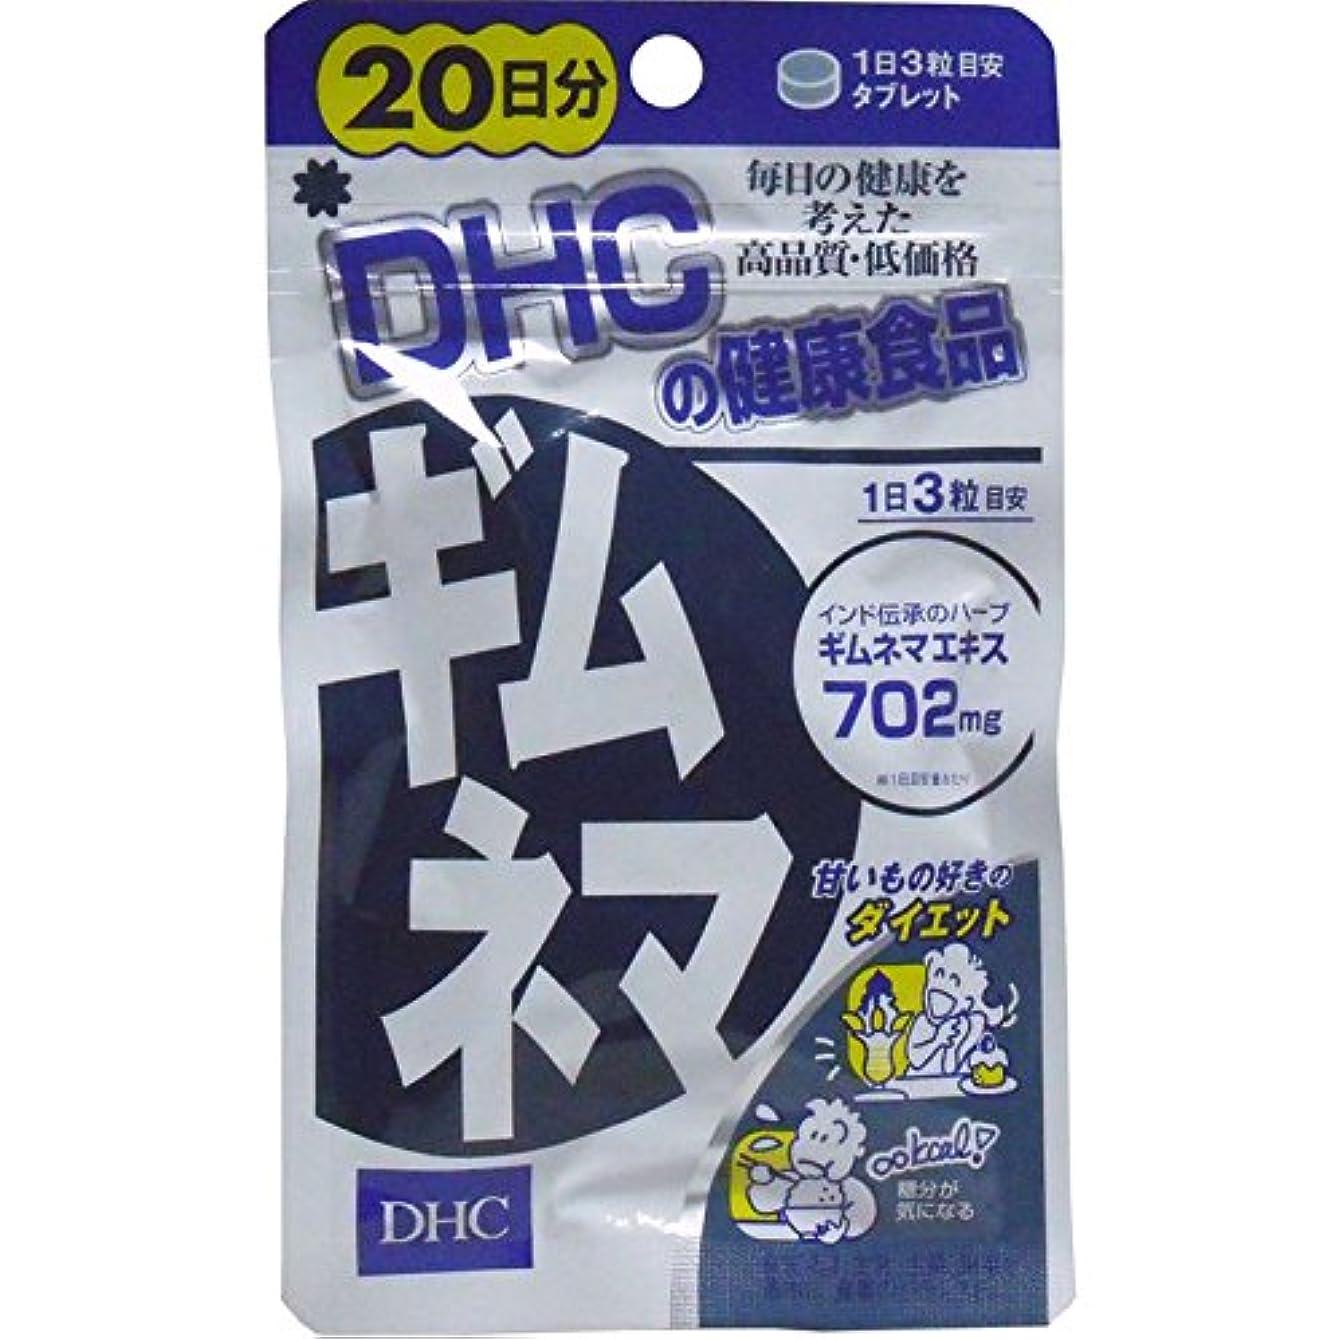 エンドウ成人期ブート糖分や炭水化物を多く摂る人に DHC ギムネマ 20日分 60粒